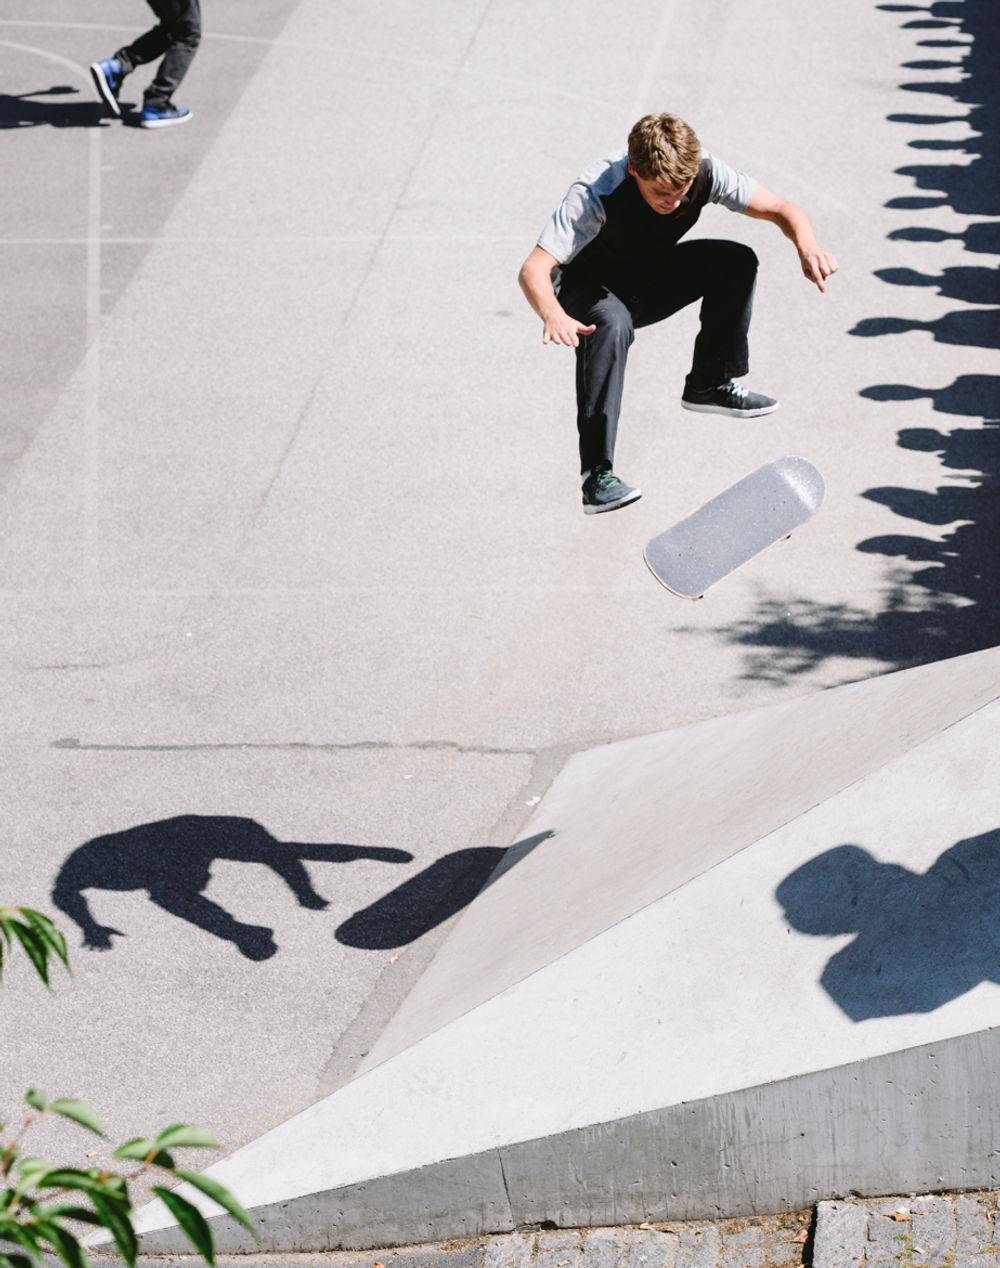 _IHC3703e-Yoshi-Tanenbaum-Kickflip-Nike-SB-Copenhagen-Open-White-Banks-Nansensgade-Day-2-July-2015-Photographer-Maksim-Kalanep